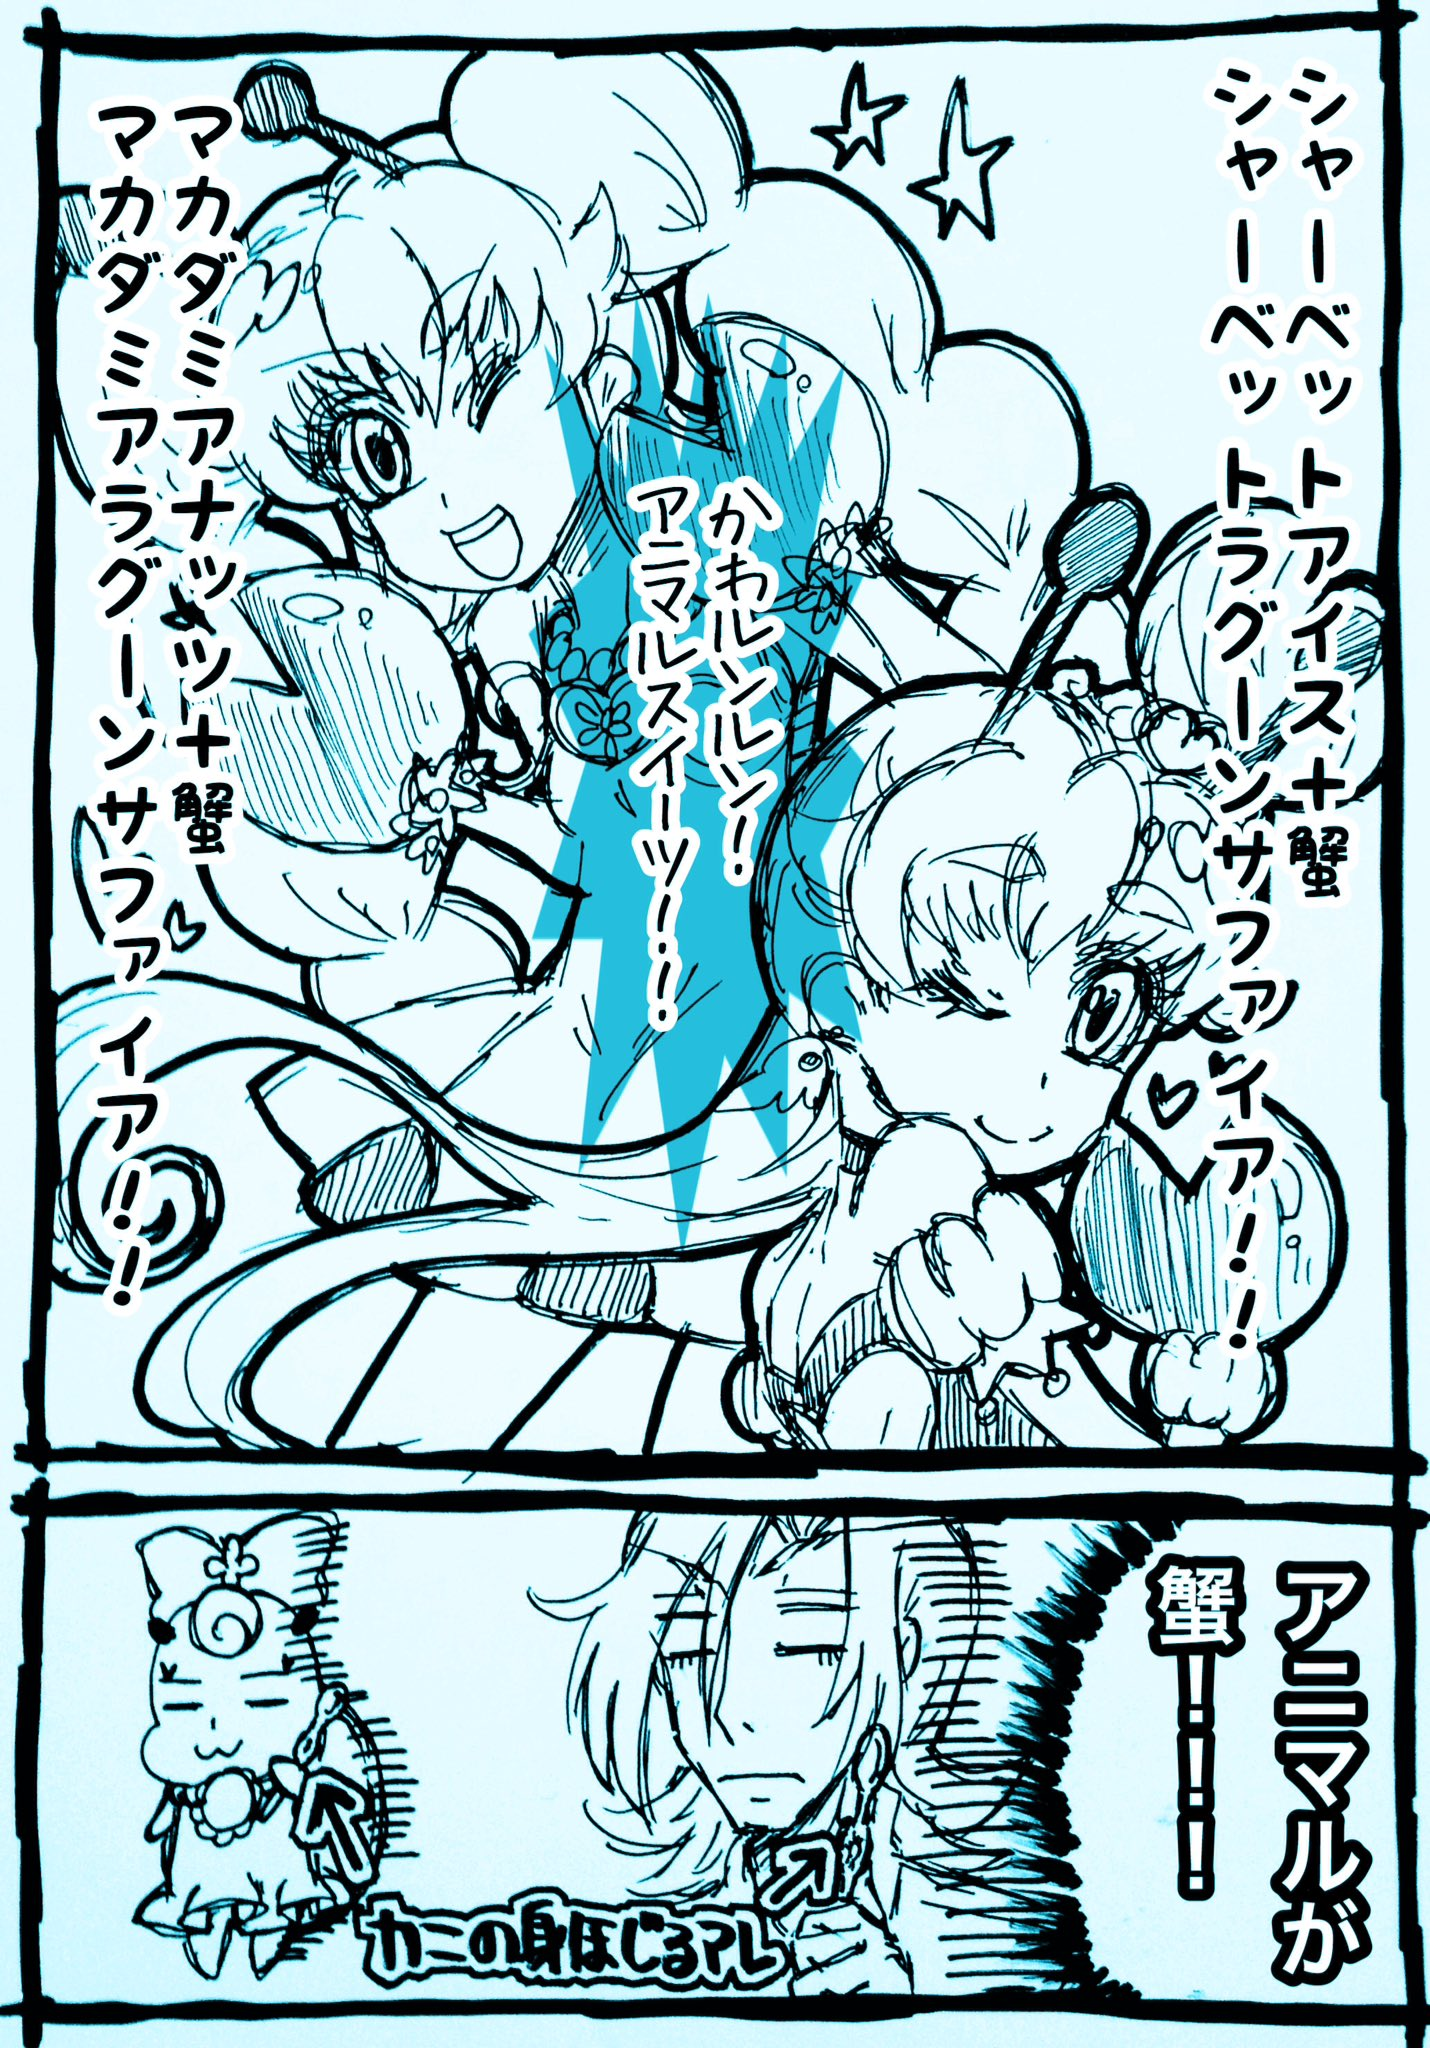 凜樹とおる (@buji__kaeru)さんのイラスト